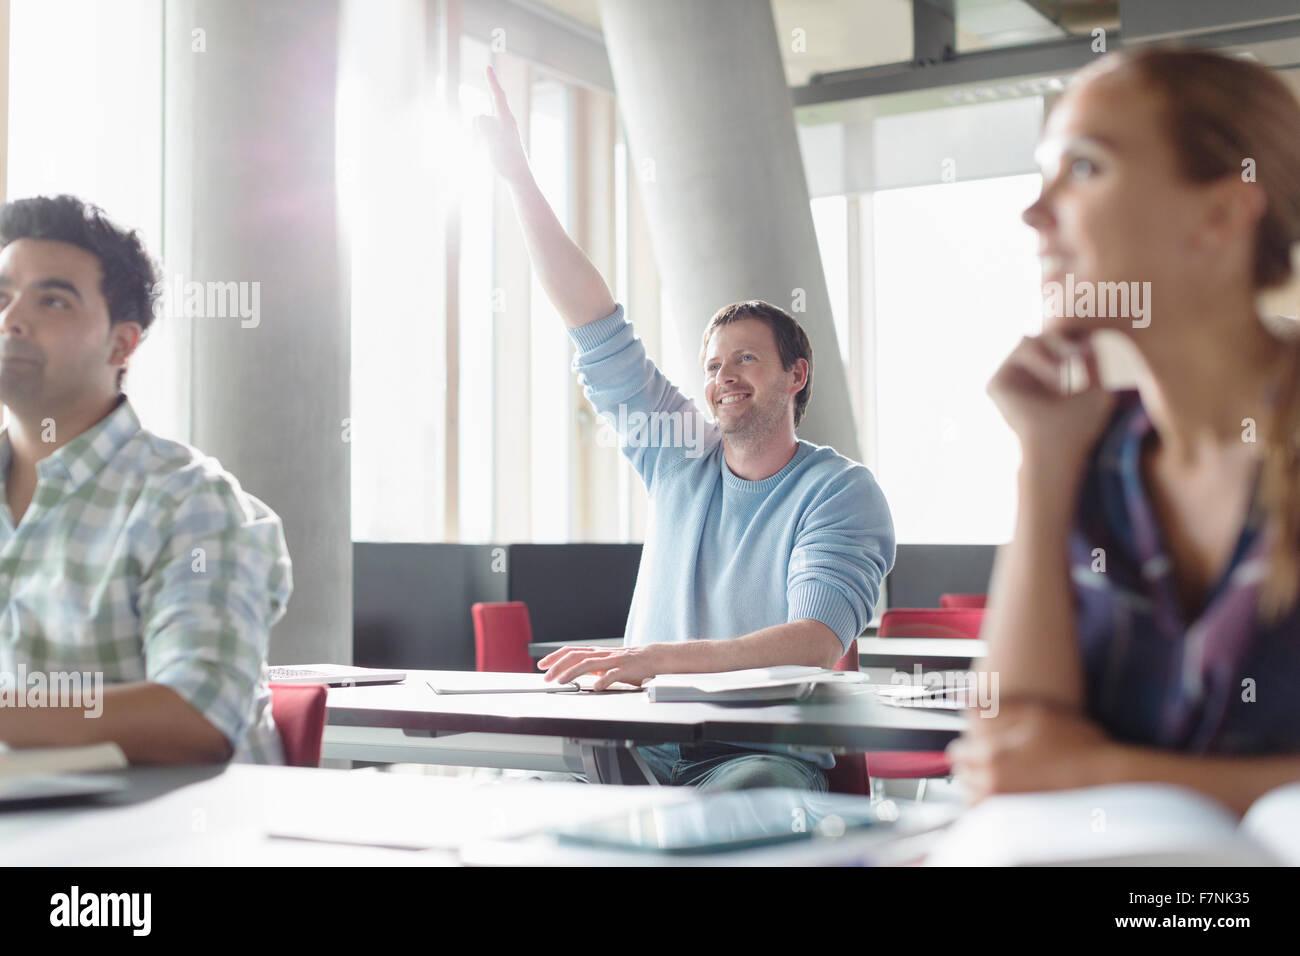 Impaciente hombre levantando la mano en el aula de educación de adultos Imagen De Stock